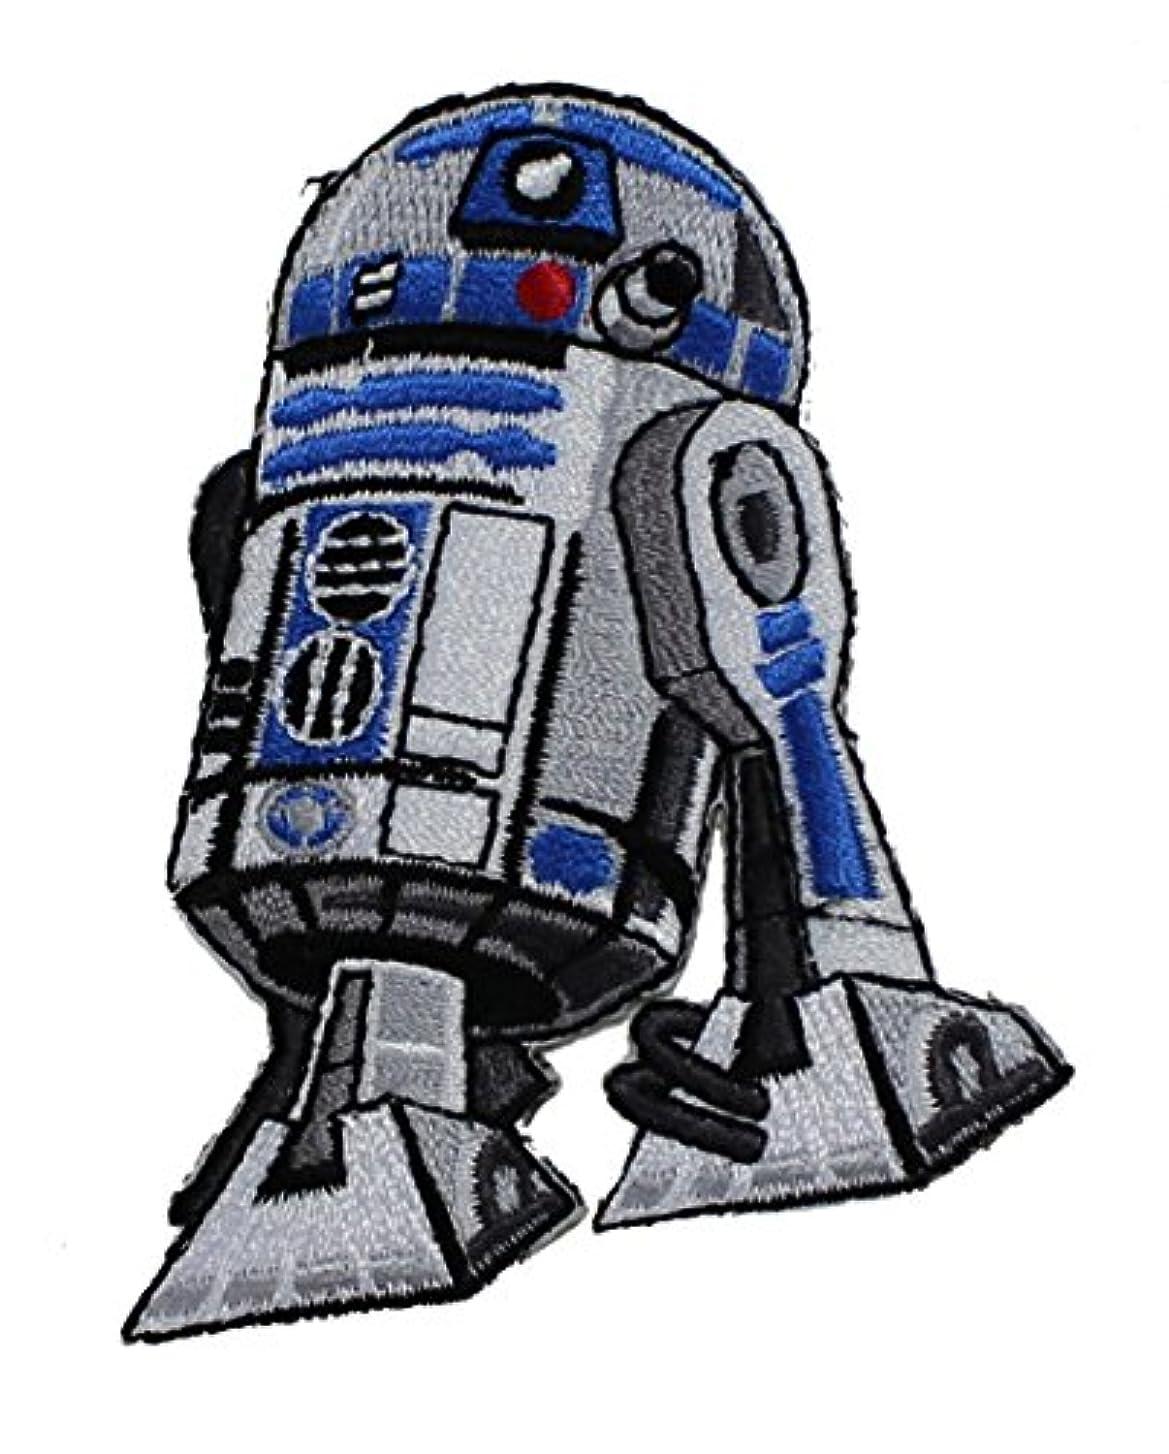 悪質なスケート文明化するSTAR WARS Clone Wars R2D2 PATCH Iron-On / Sew-On Disney Officially Licensed Movie & TV Artwork, 3